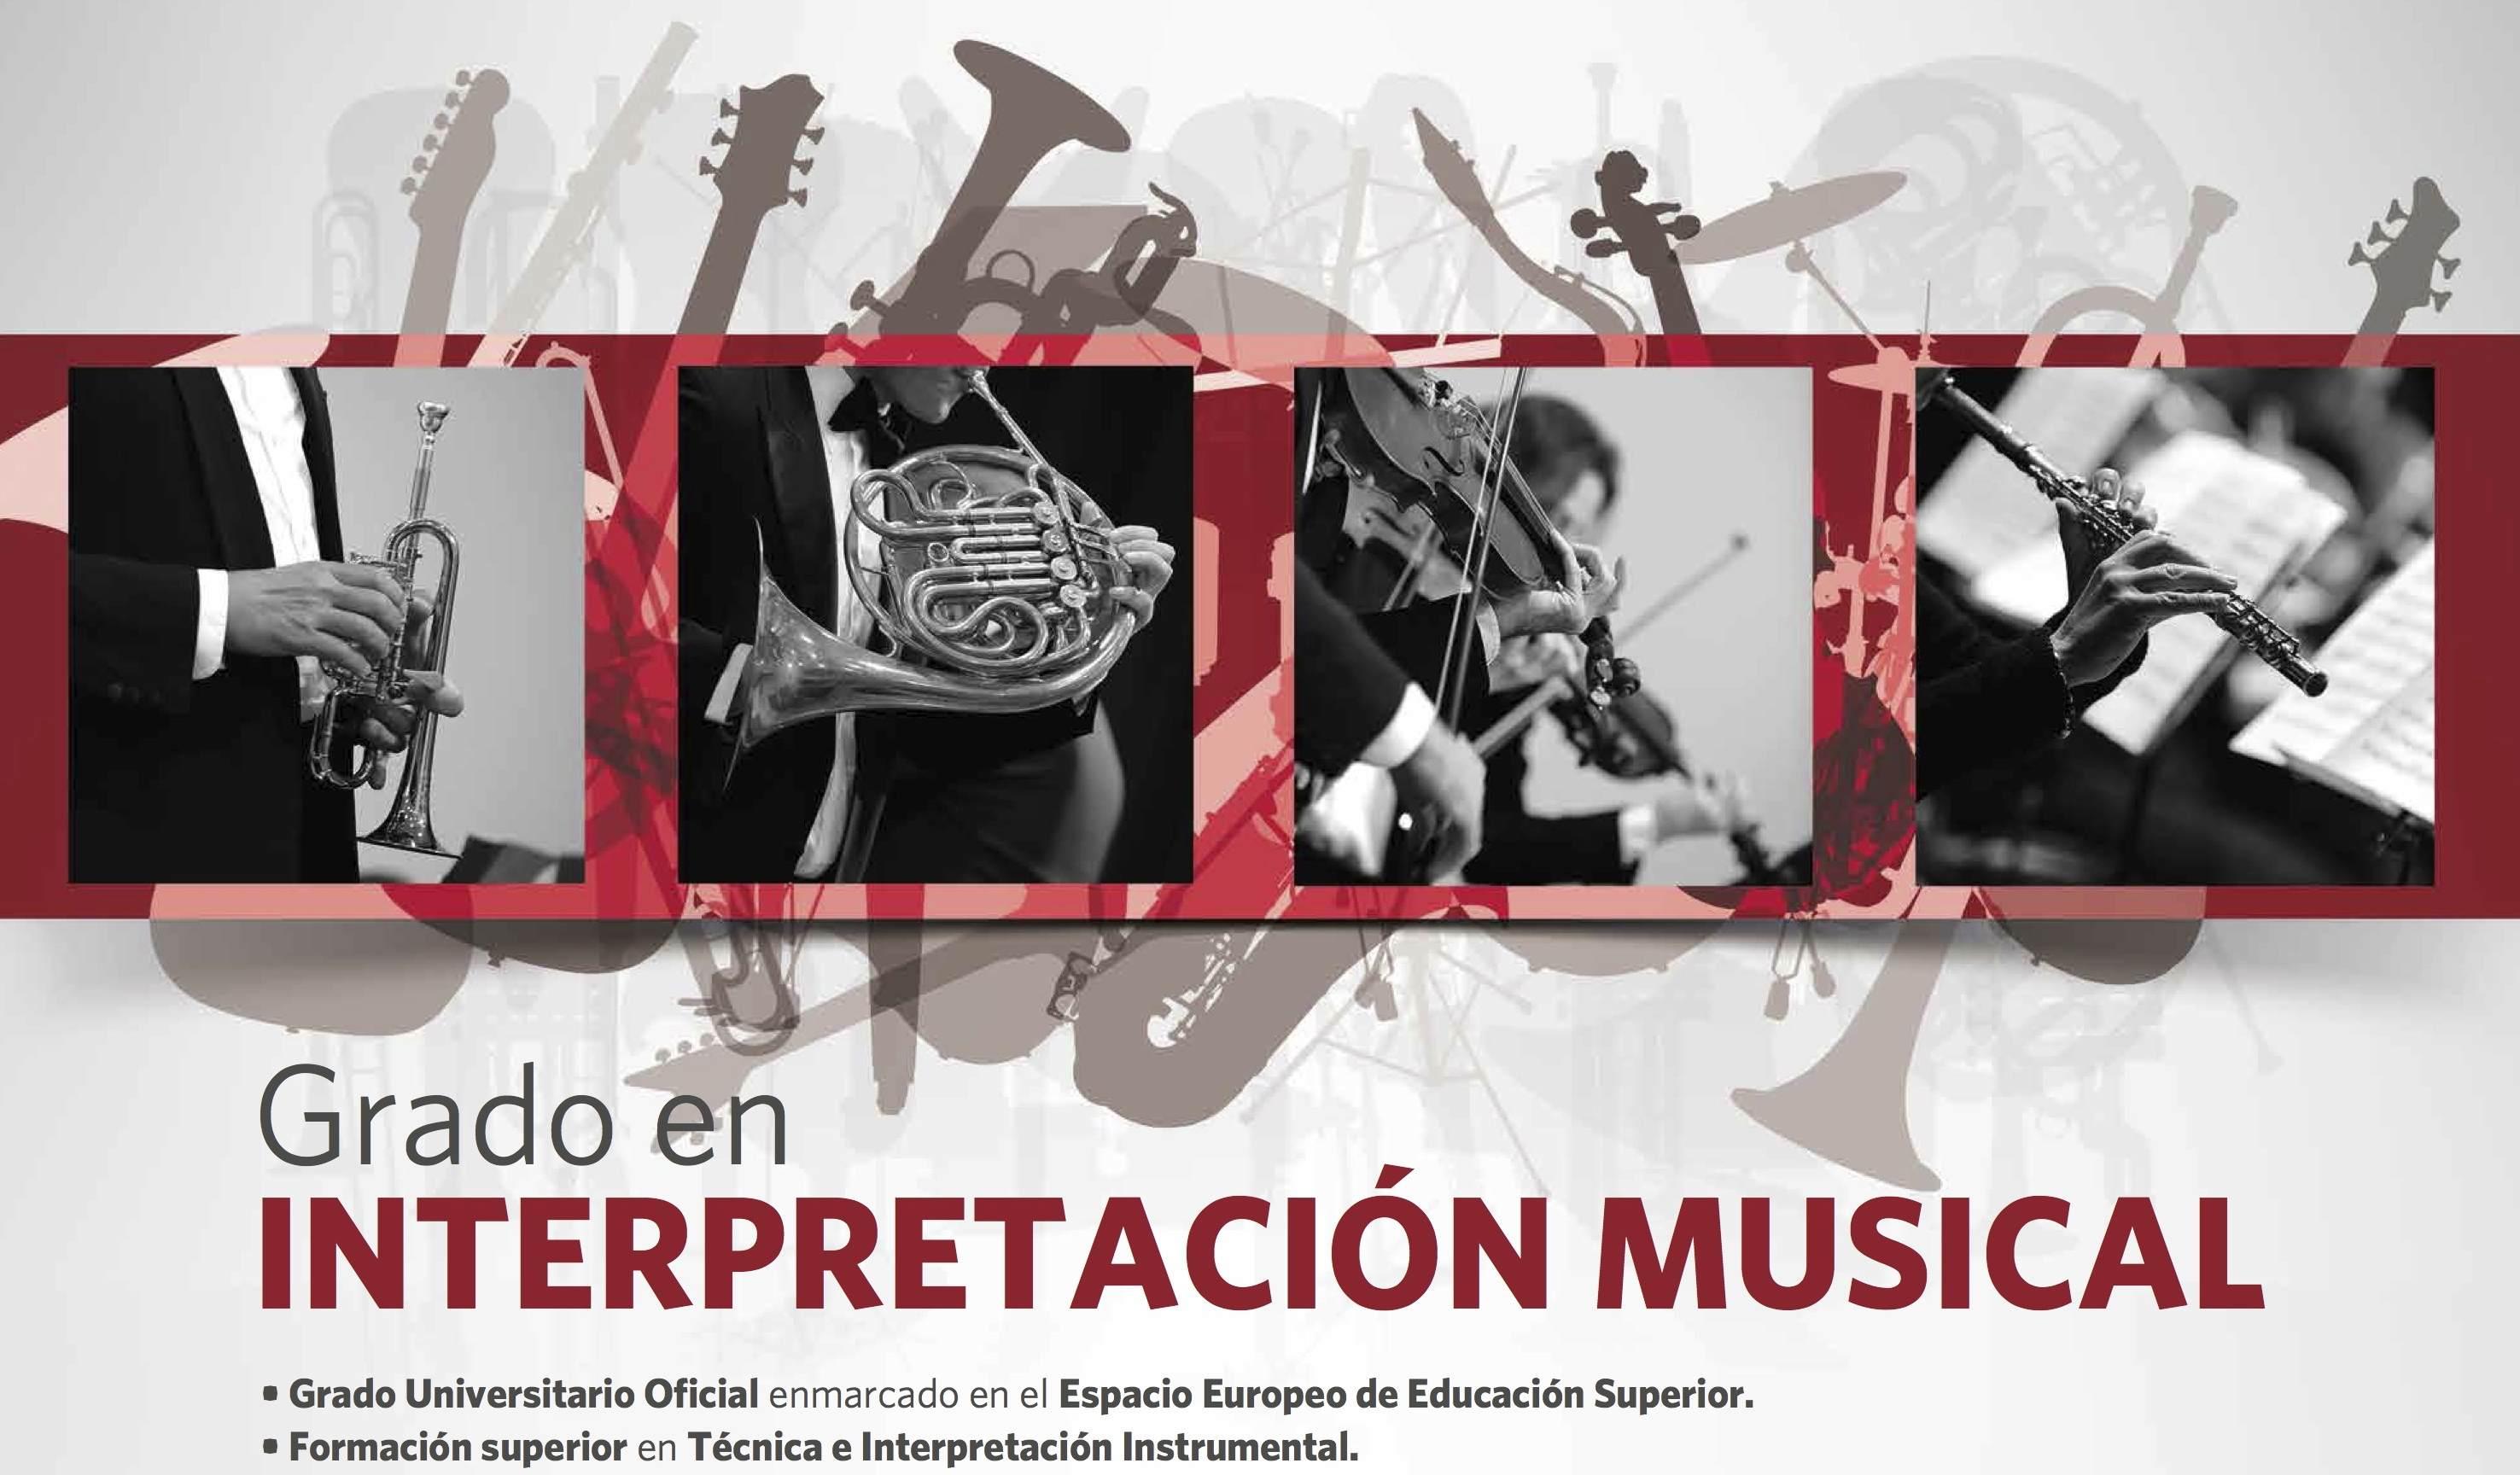 Grado en Interpretación Musical